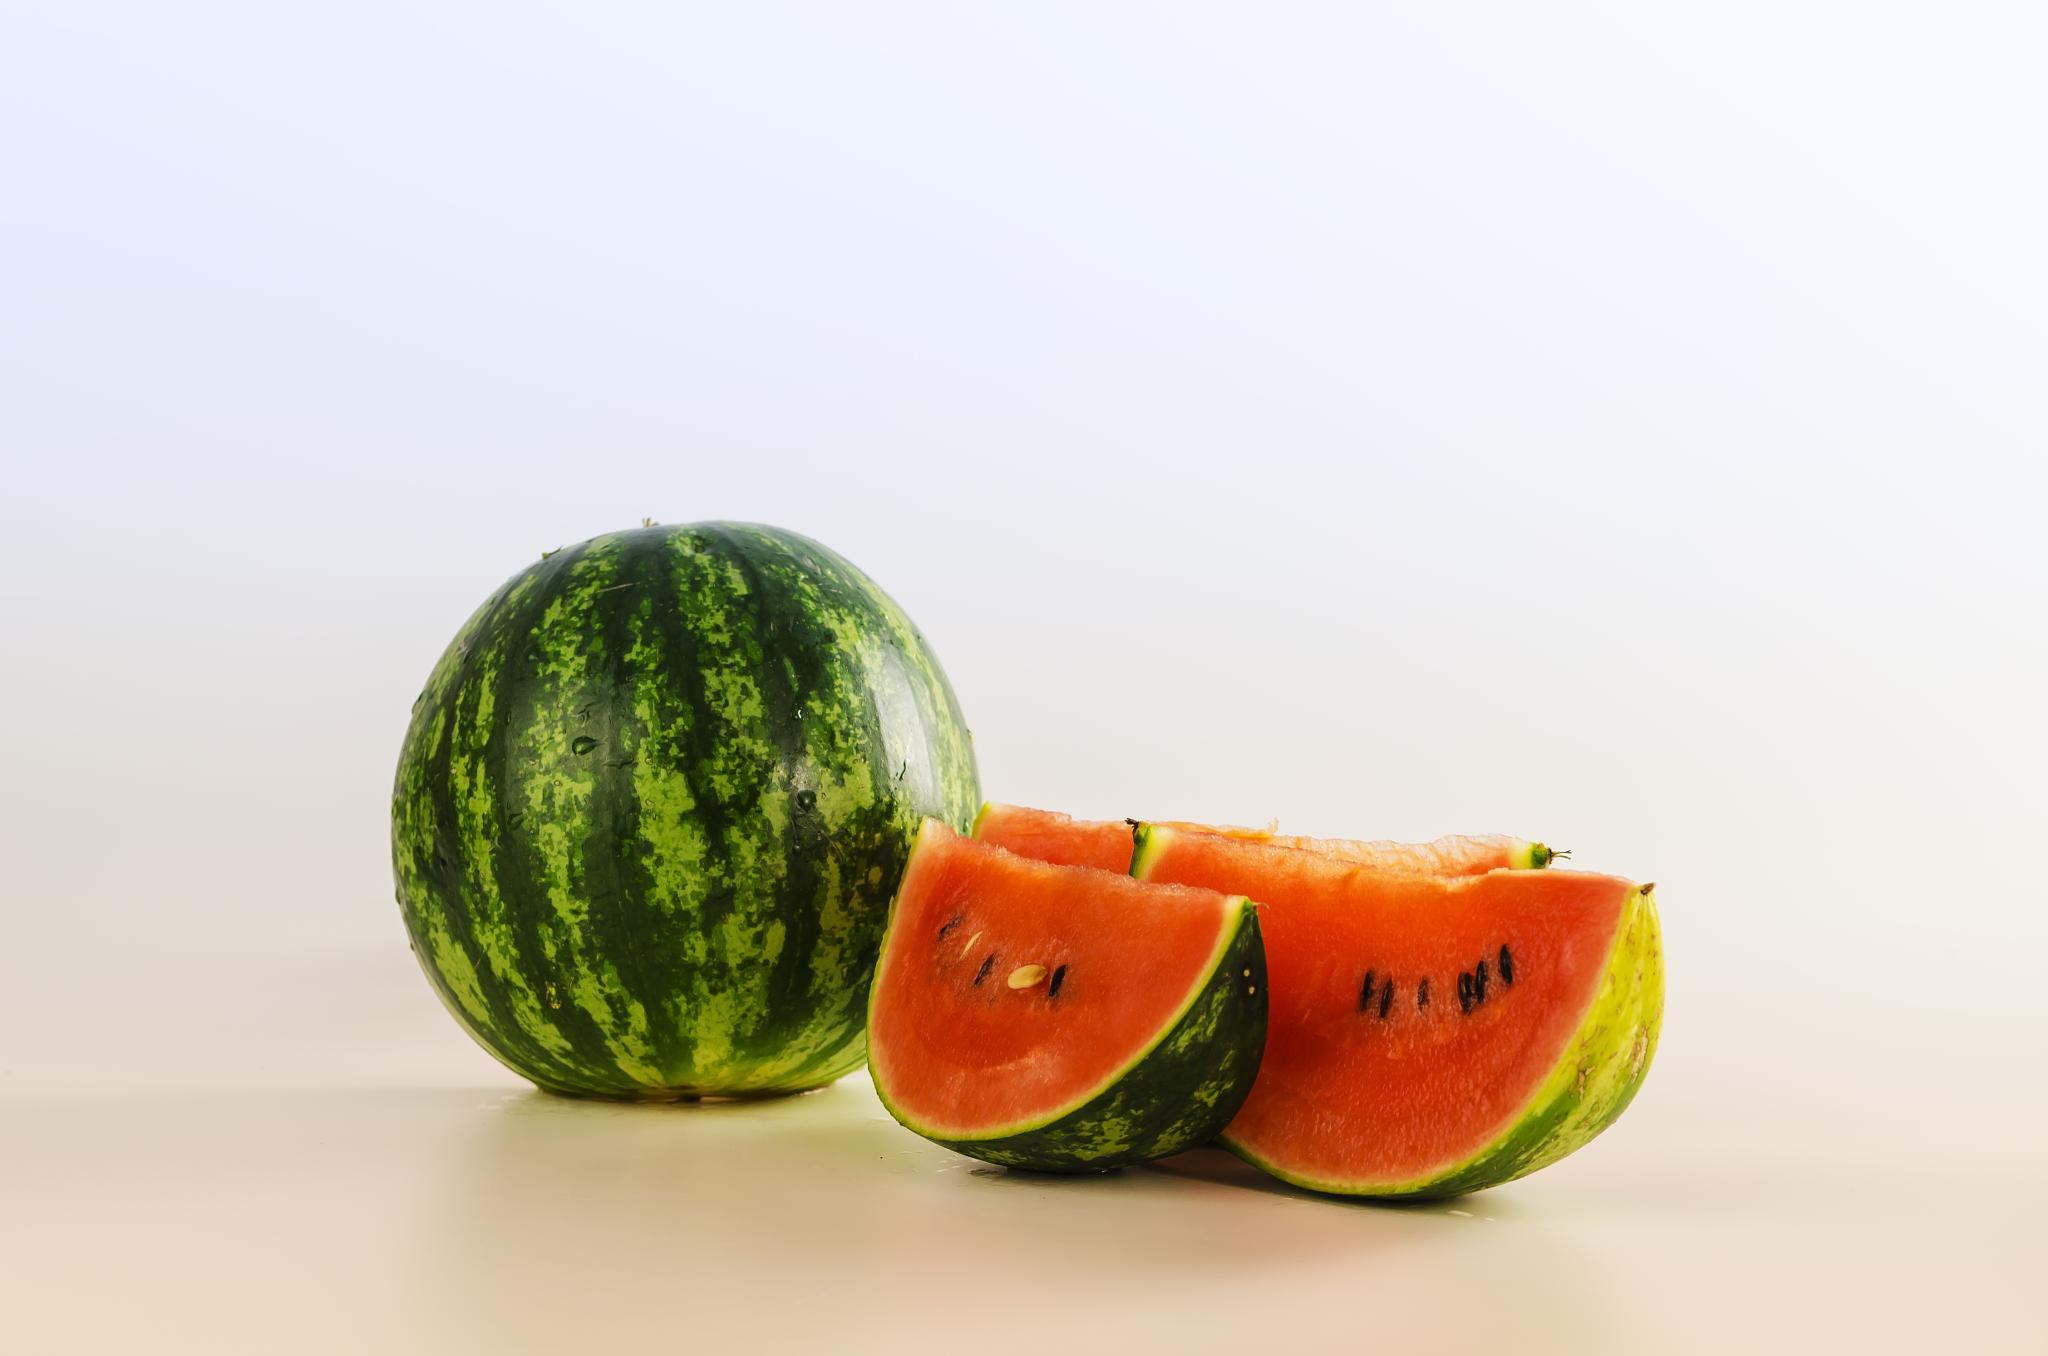 Watermelon by Remo Fiore